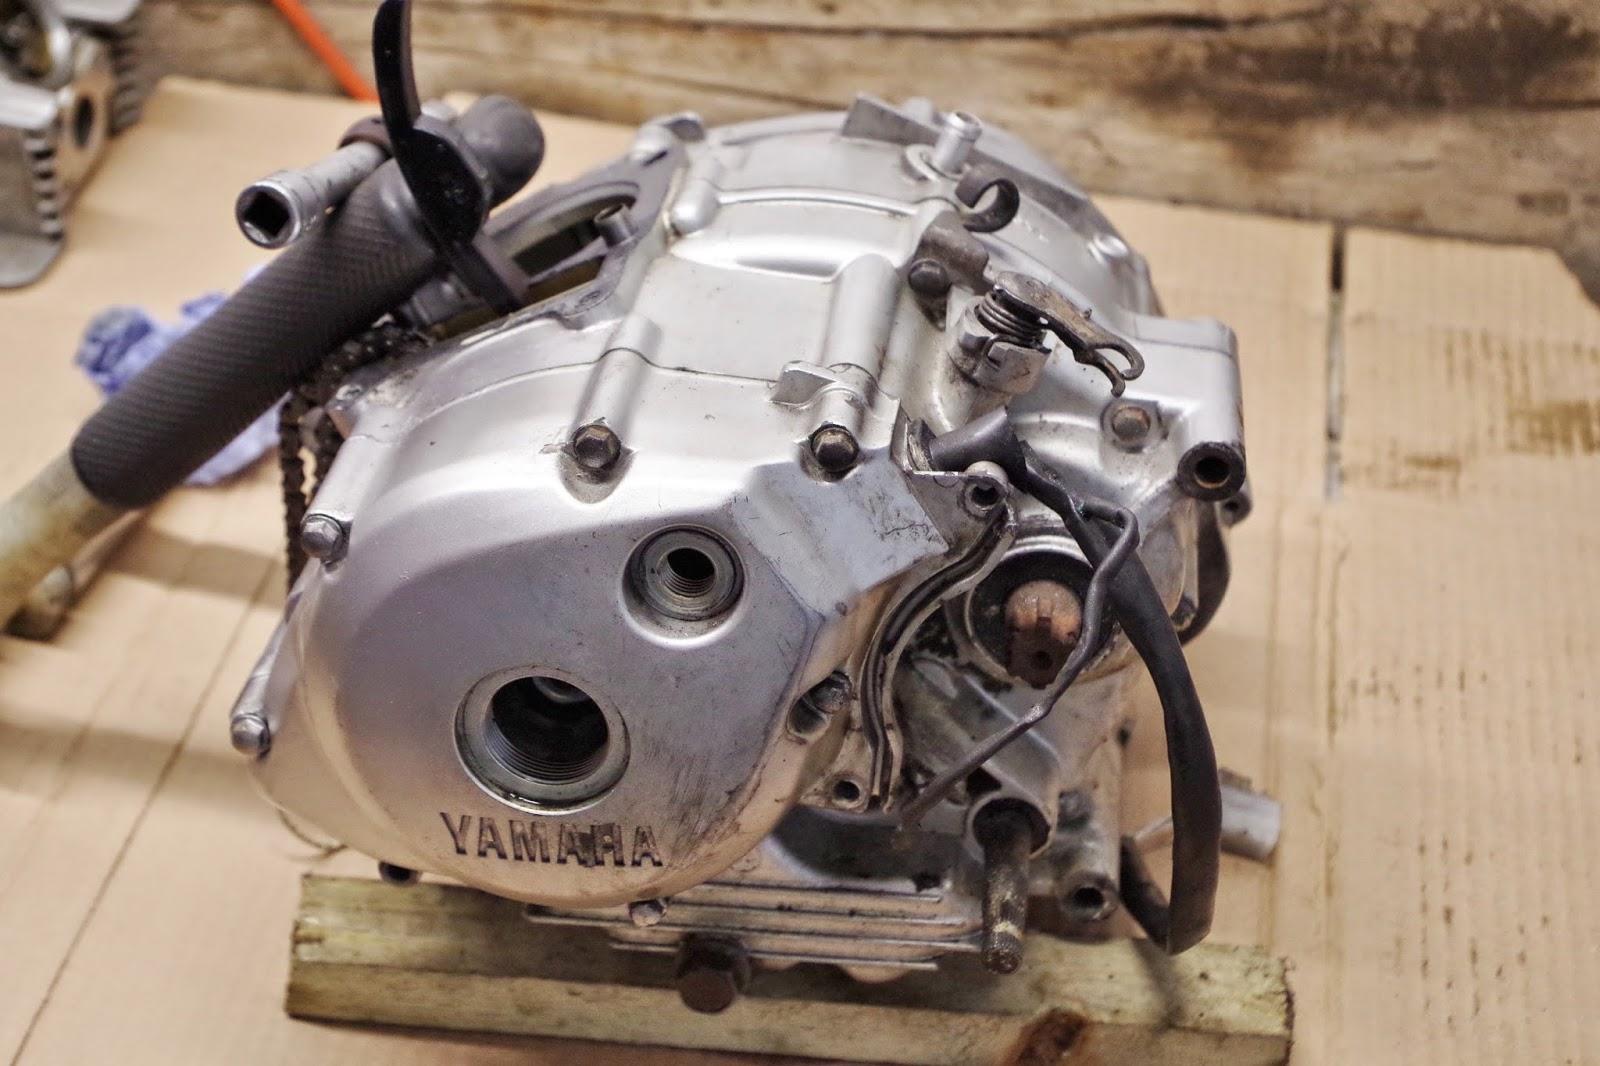 Yamaha Ybr 125 Owner Blog   Yamaha Ybr 125 Blog Flywheel